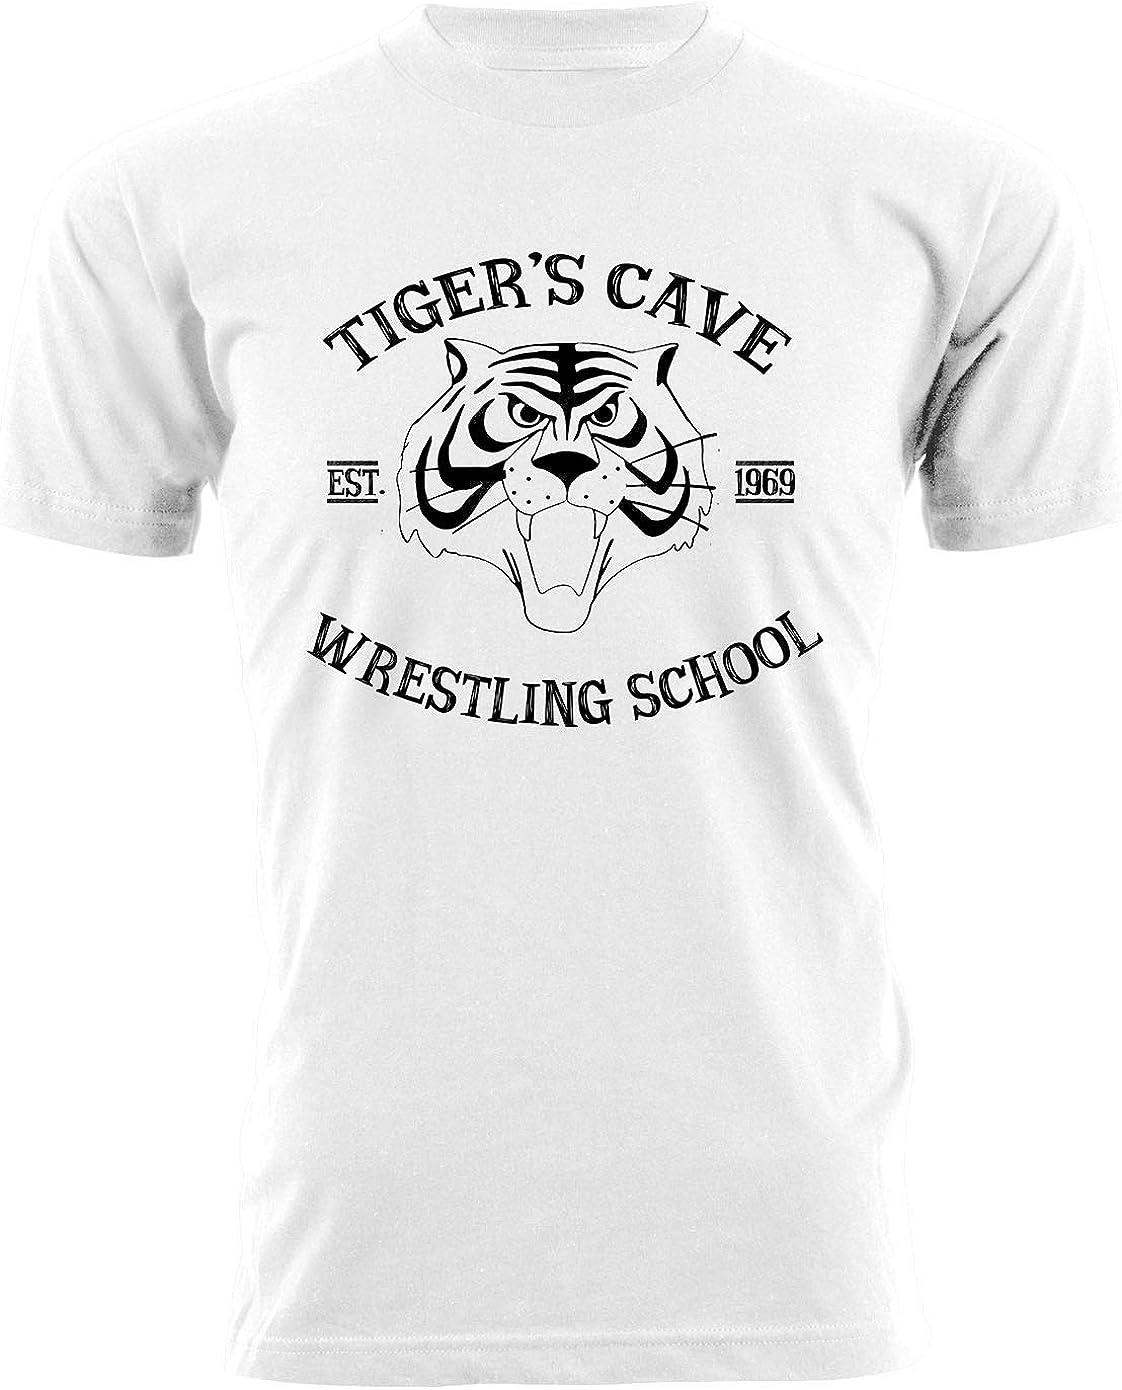 T-shirteria - Camiseta para hombre con diseño de tigre y ...